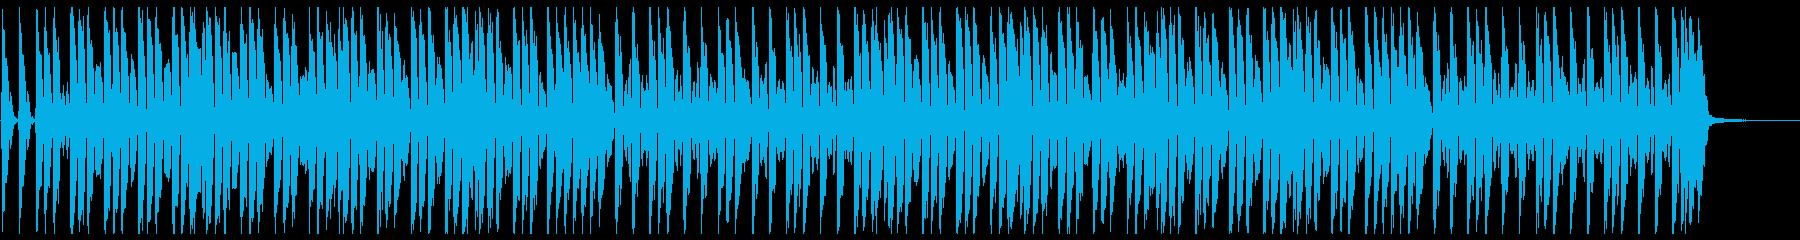 鼓笛隊による可愛いらしいマーチの再生済みの波形